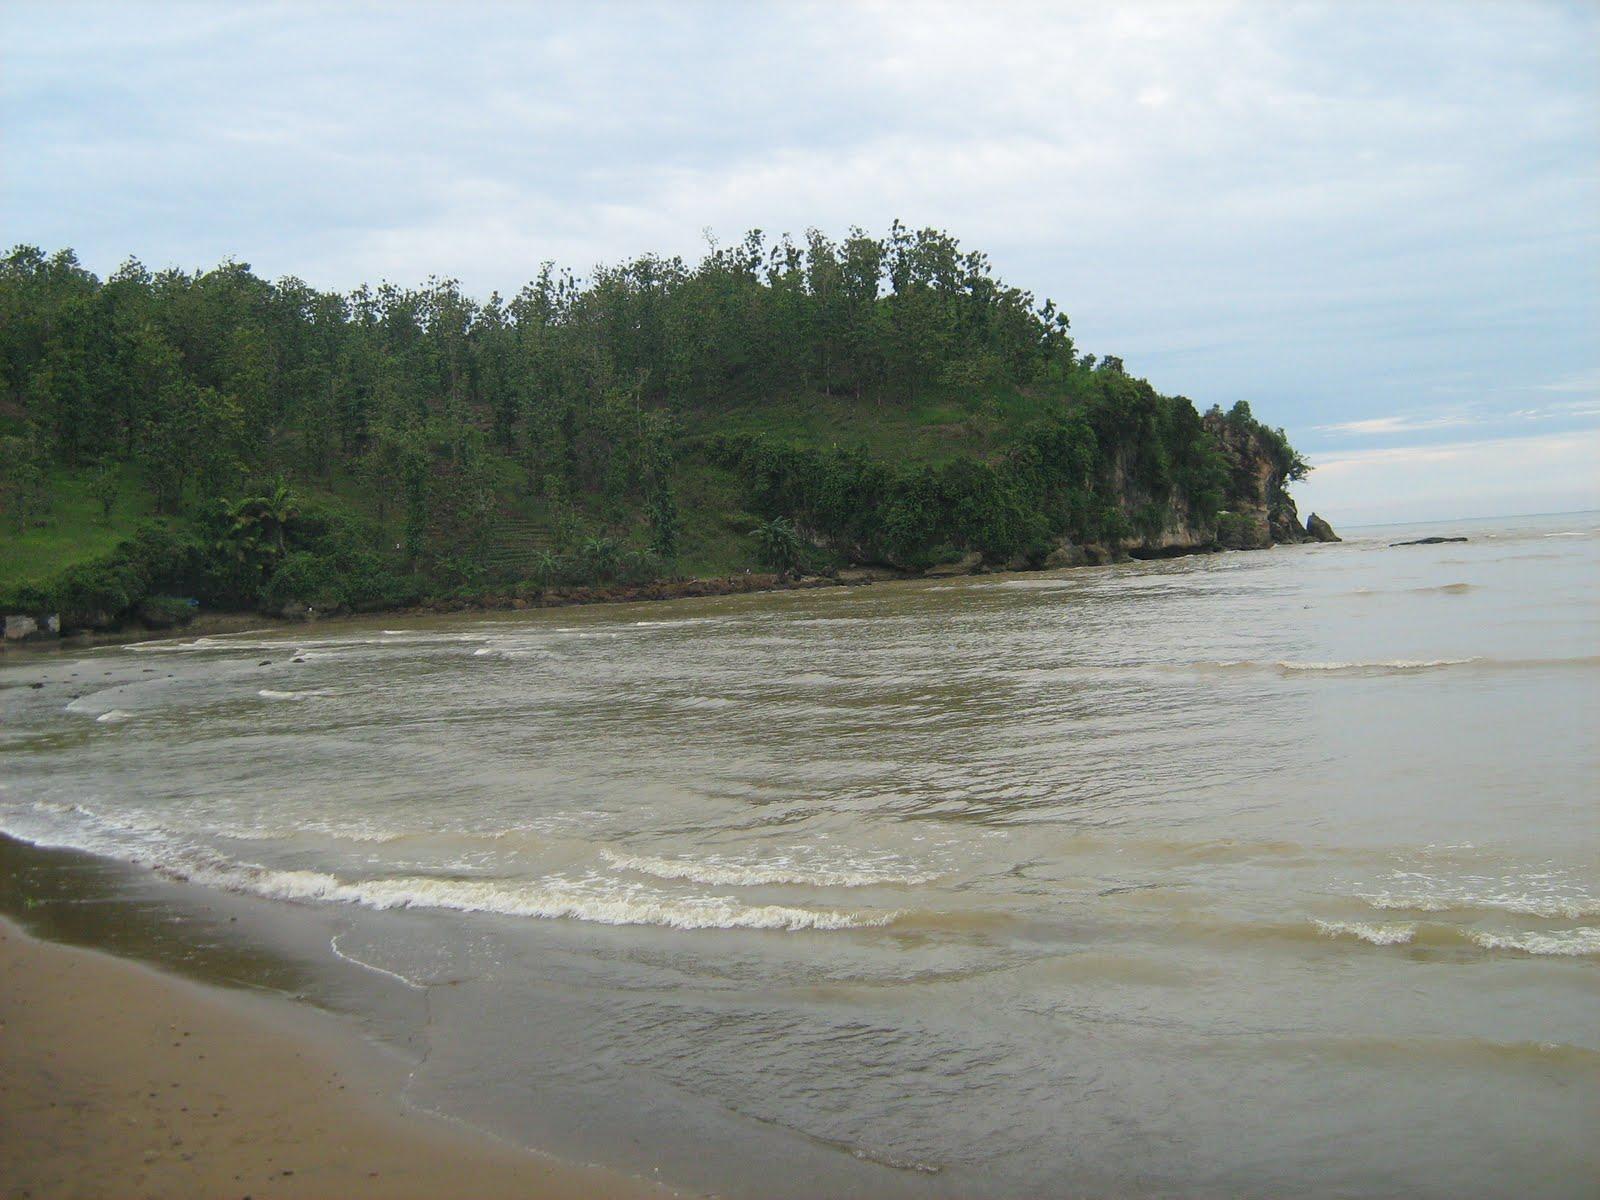 40 Tempat Wisata Kebumen Jawa Tengah Daerah Kota Gombong Pantai